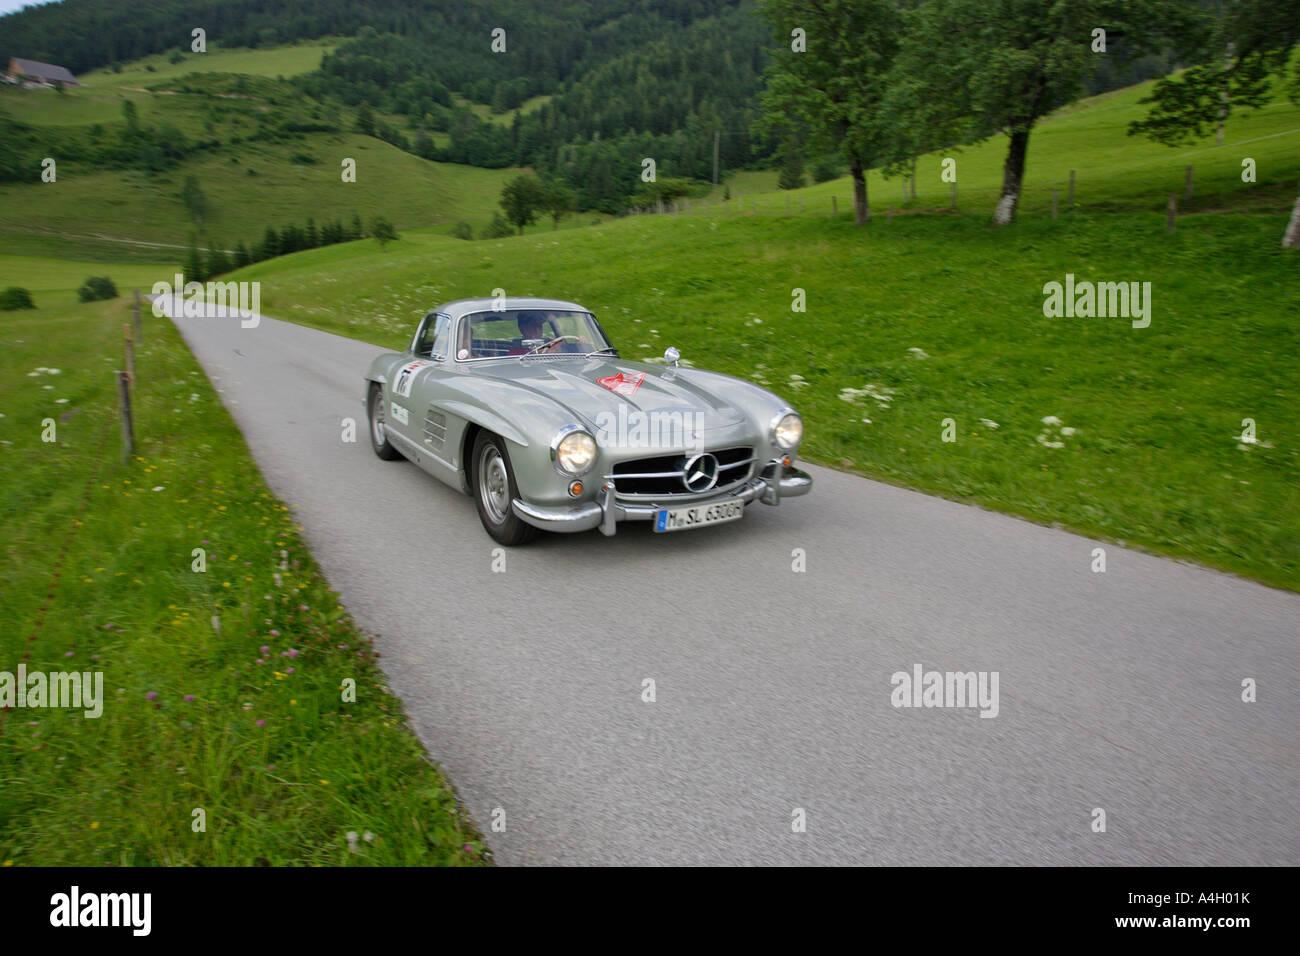 Mercedes-Benz 300 SL von 1955, Oldtimer rennen Ennstal Classic 2005, Steiermark, Österreich Stockbild